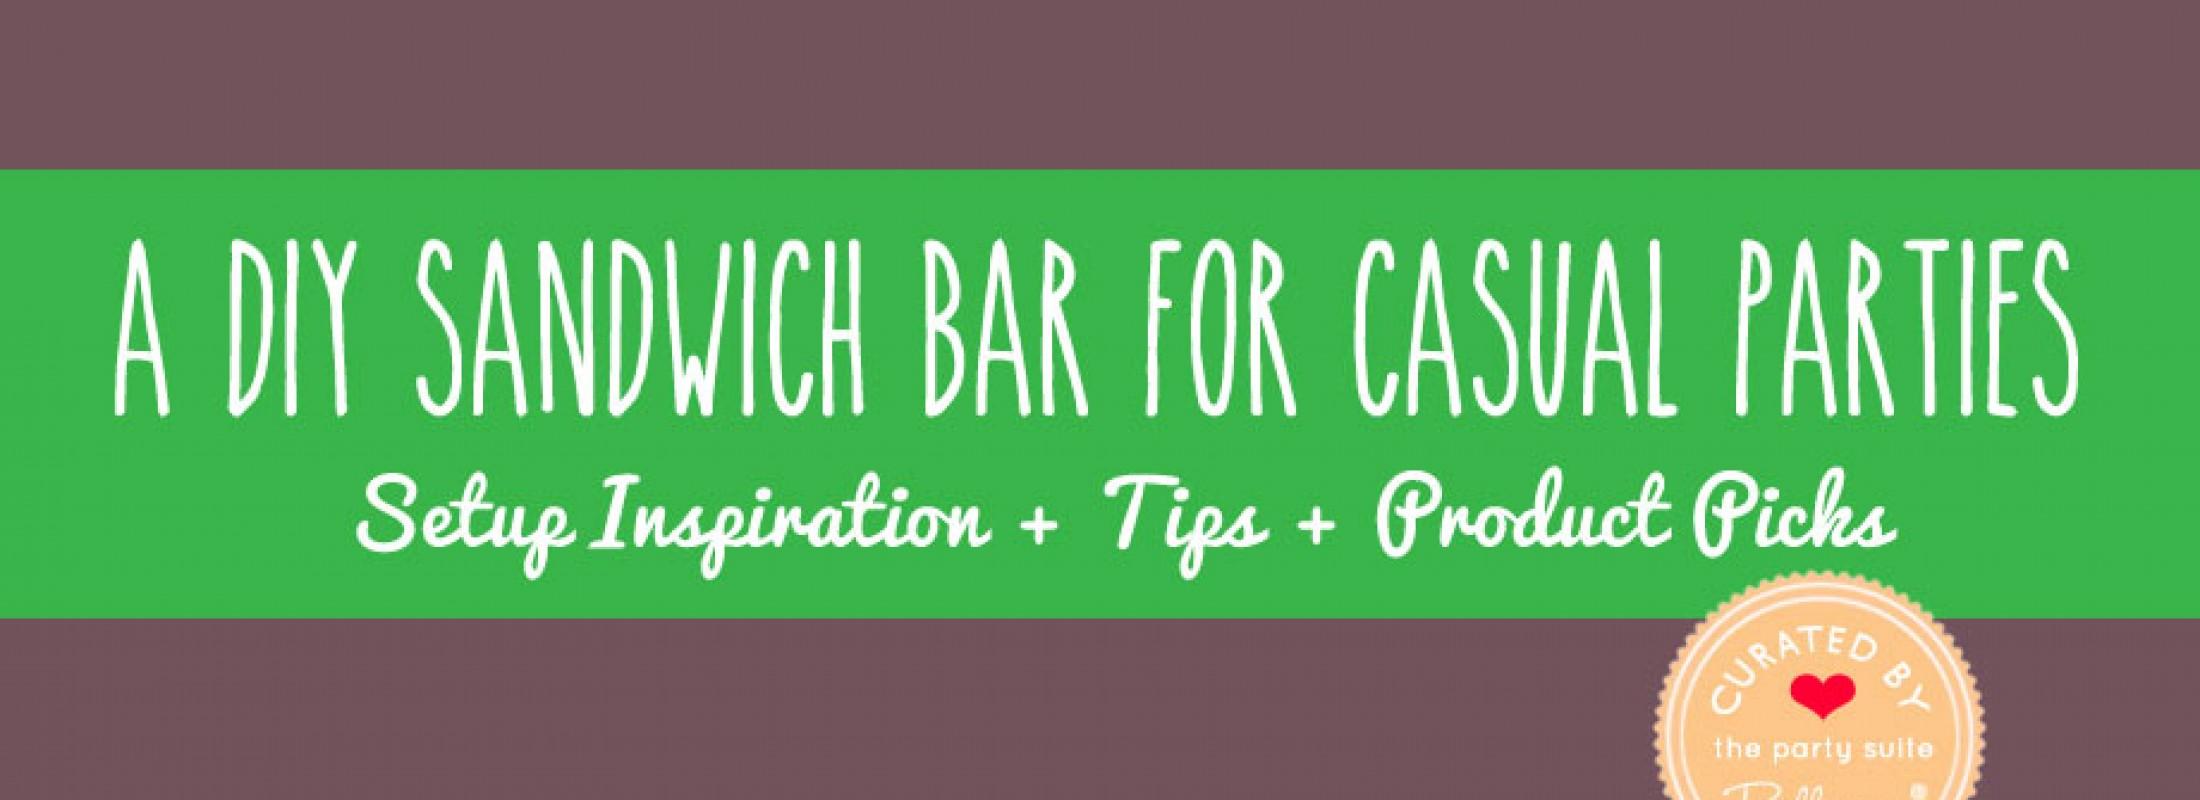 Sandwich Buffet Ideas and Inspiration